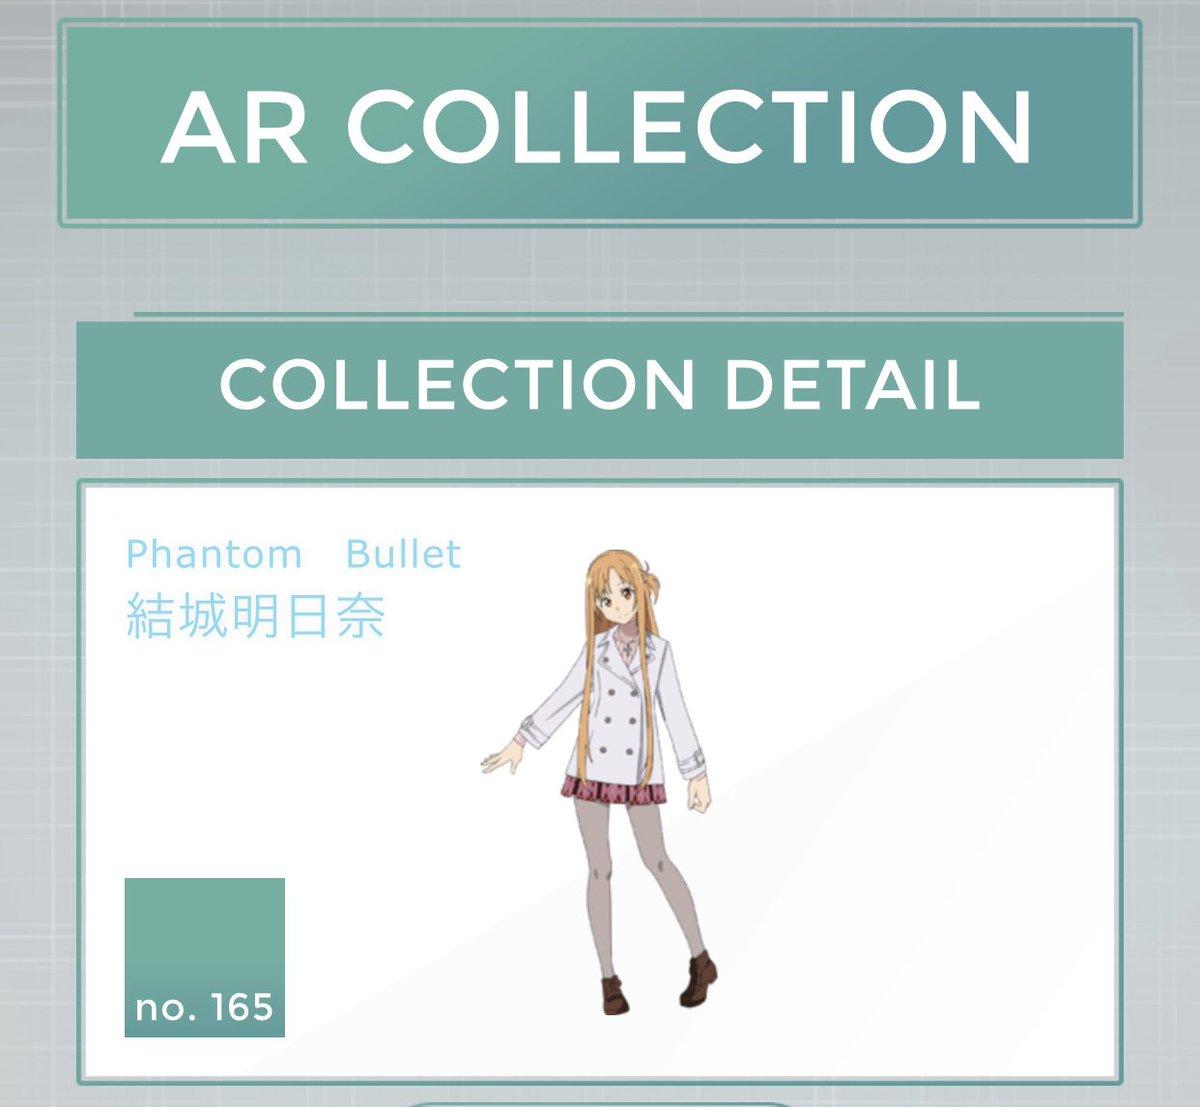 劇場版SAO公式アプリ内の「ARコレクション」で手に入るキャラクターが更新されました。昨日までとは違…